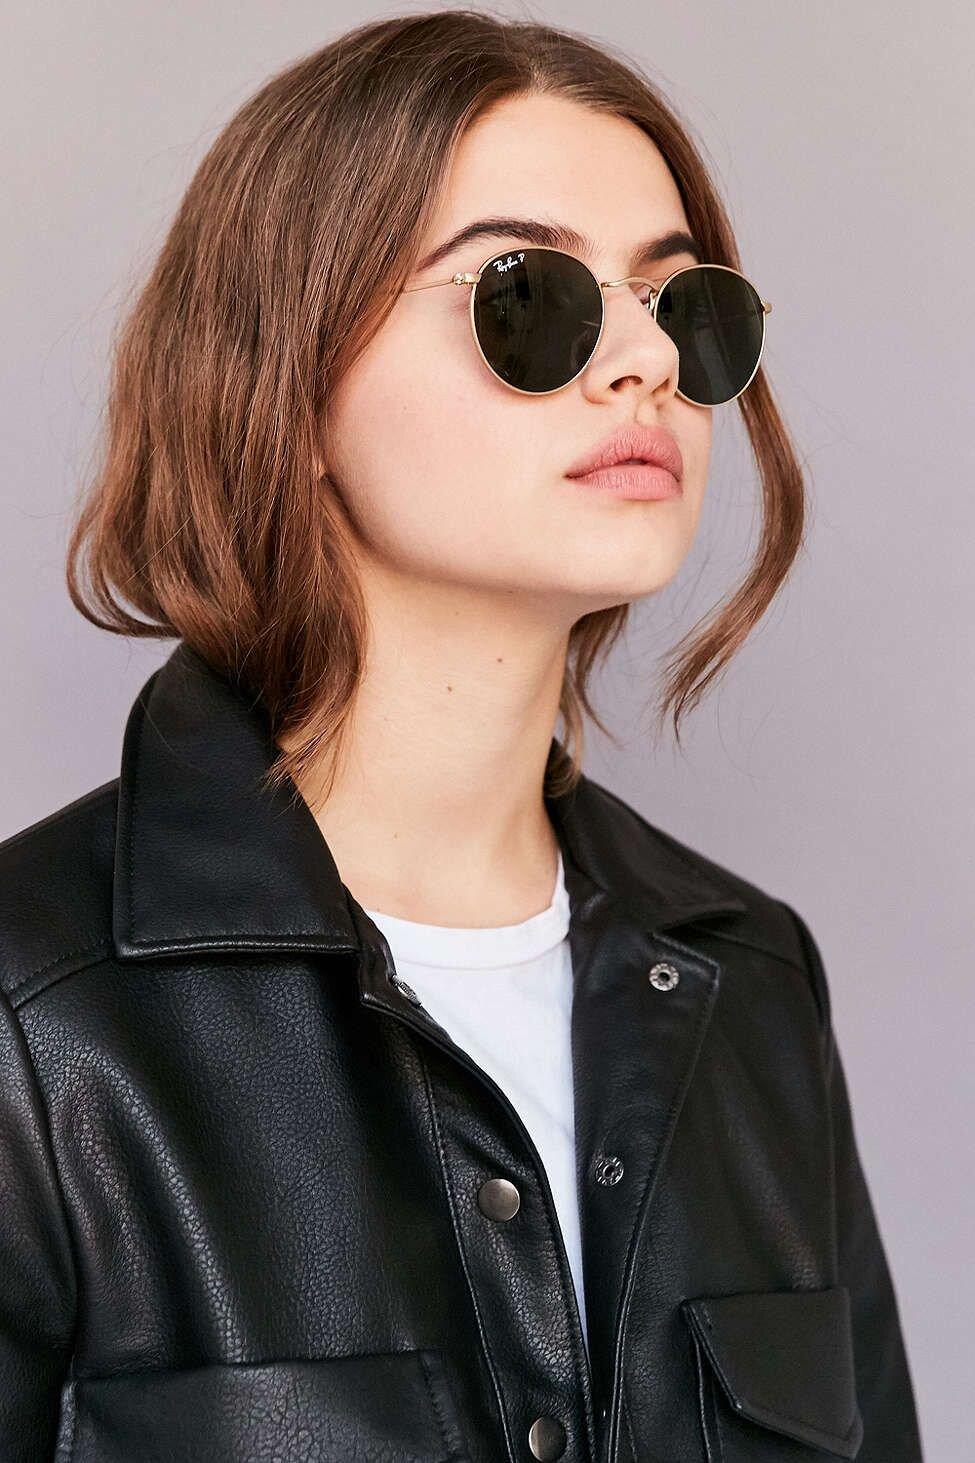 Phối hợp chiếc kính mát mỏng và chiếc áo vest da bóng khiến phái đẹp trở nên quyến rũ trong mắt người đối diện